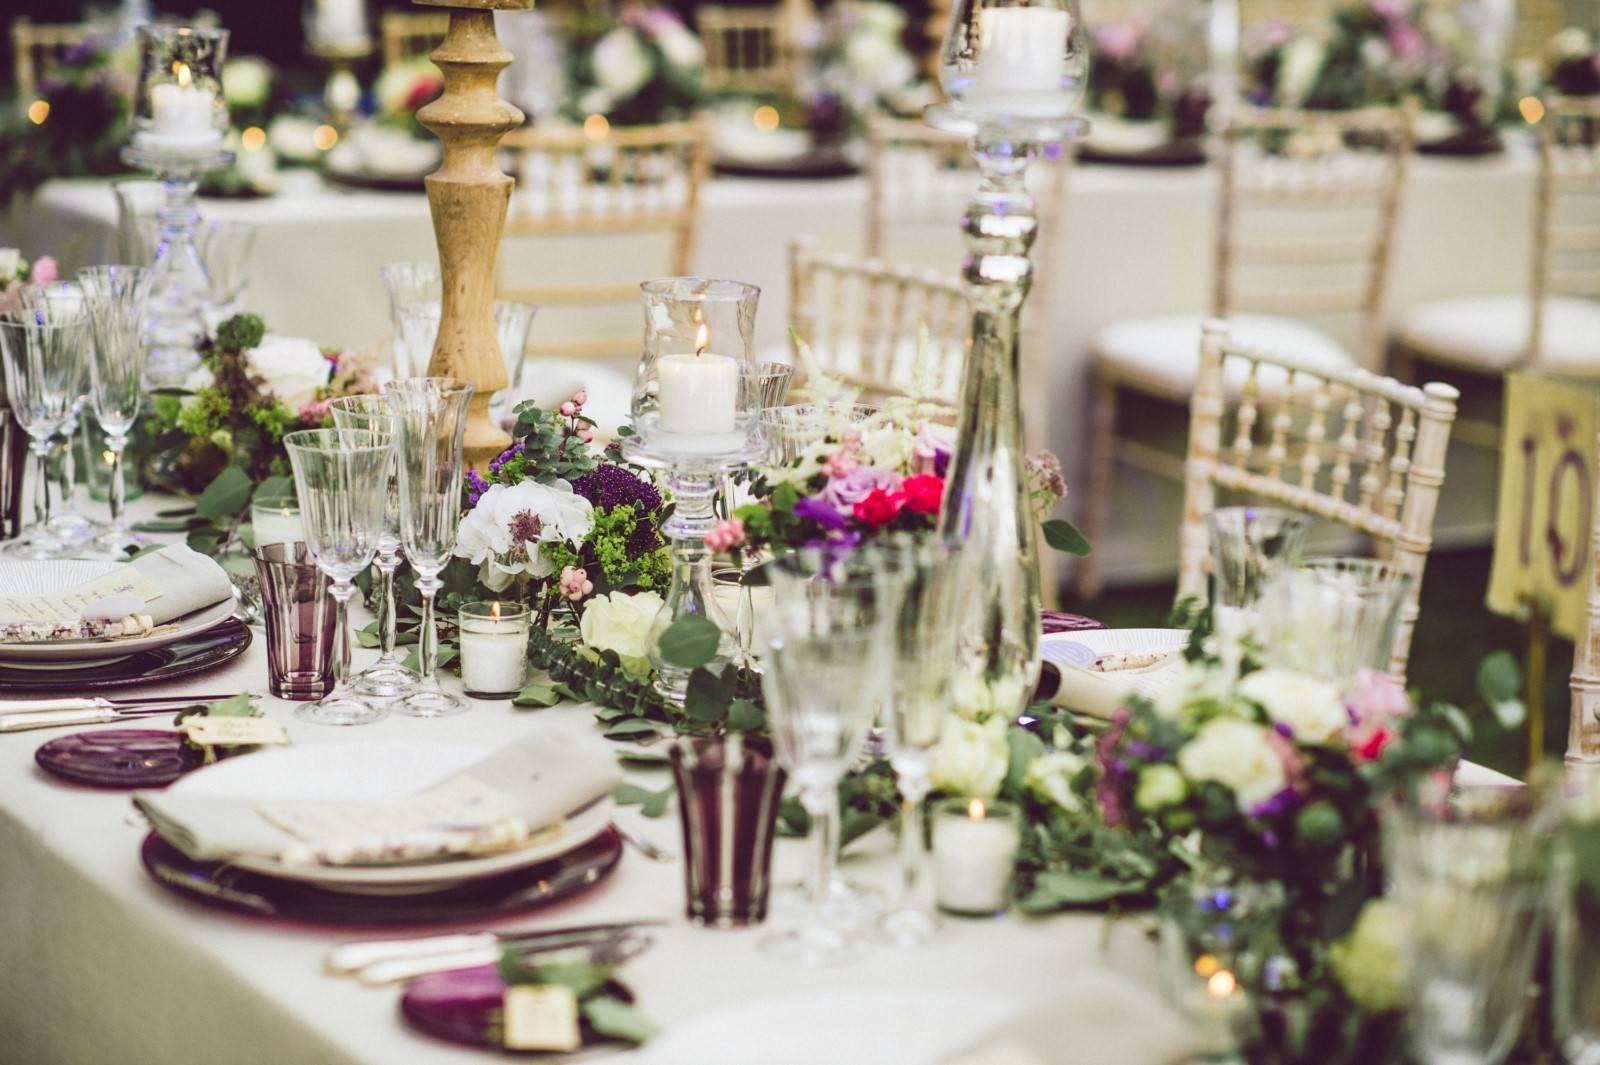 طاولة مزينة بالورود